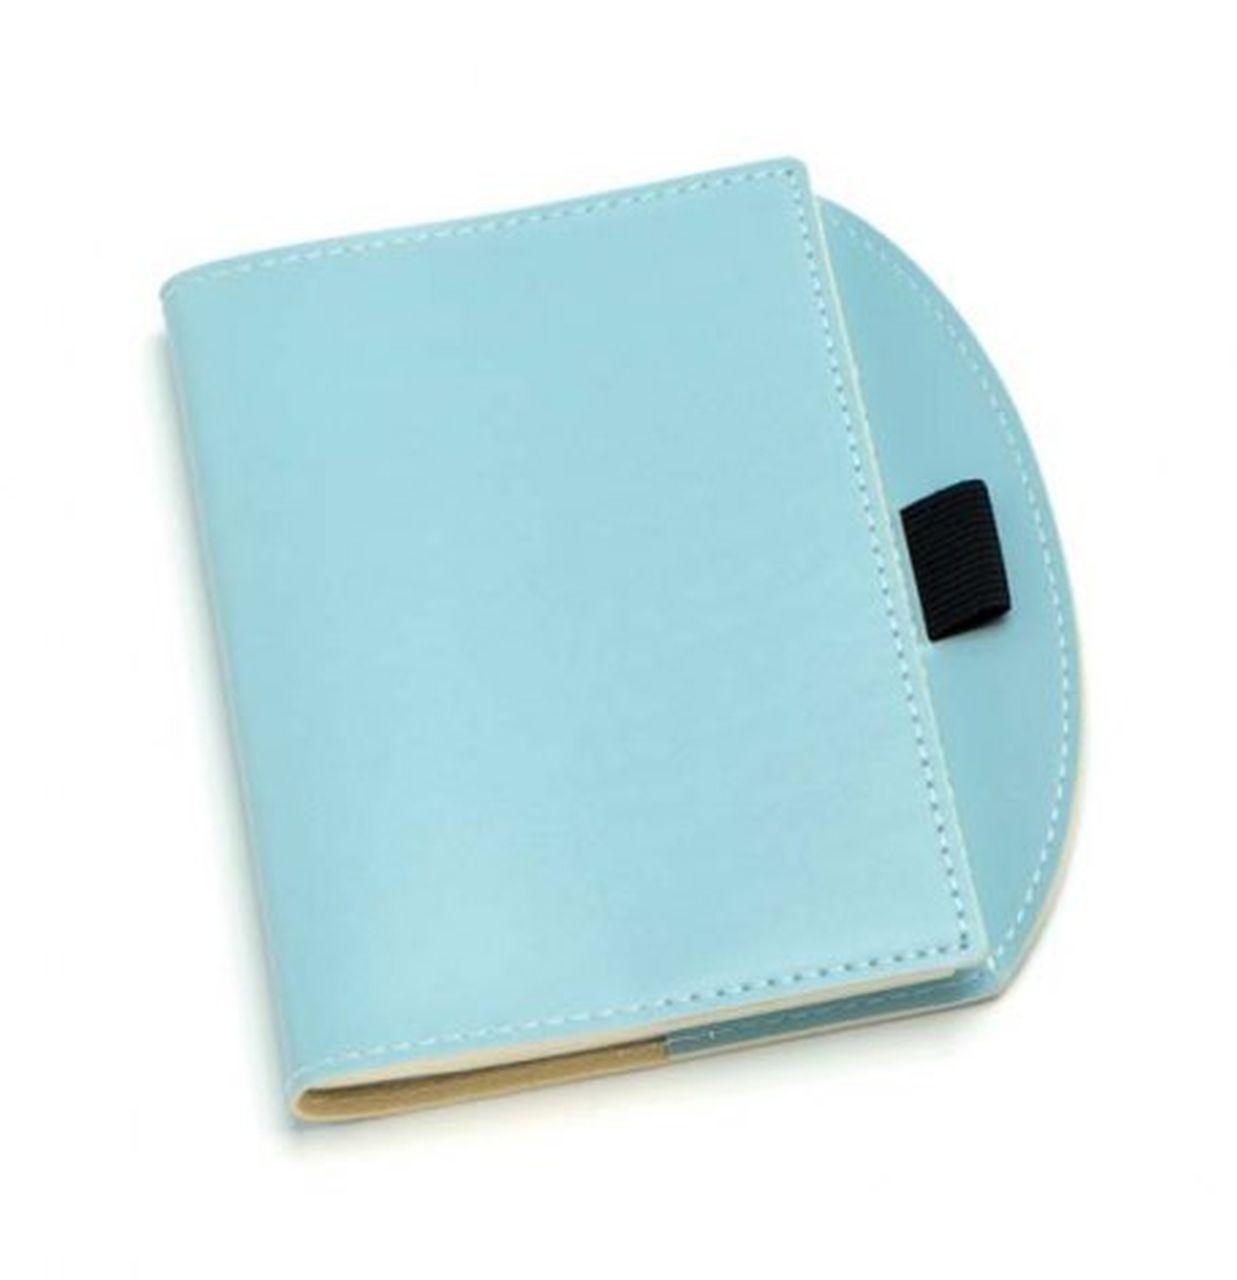 Notebook piccolo azzurro cm.15,5x13x1h